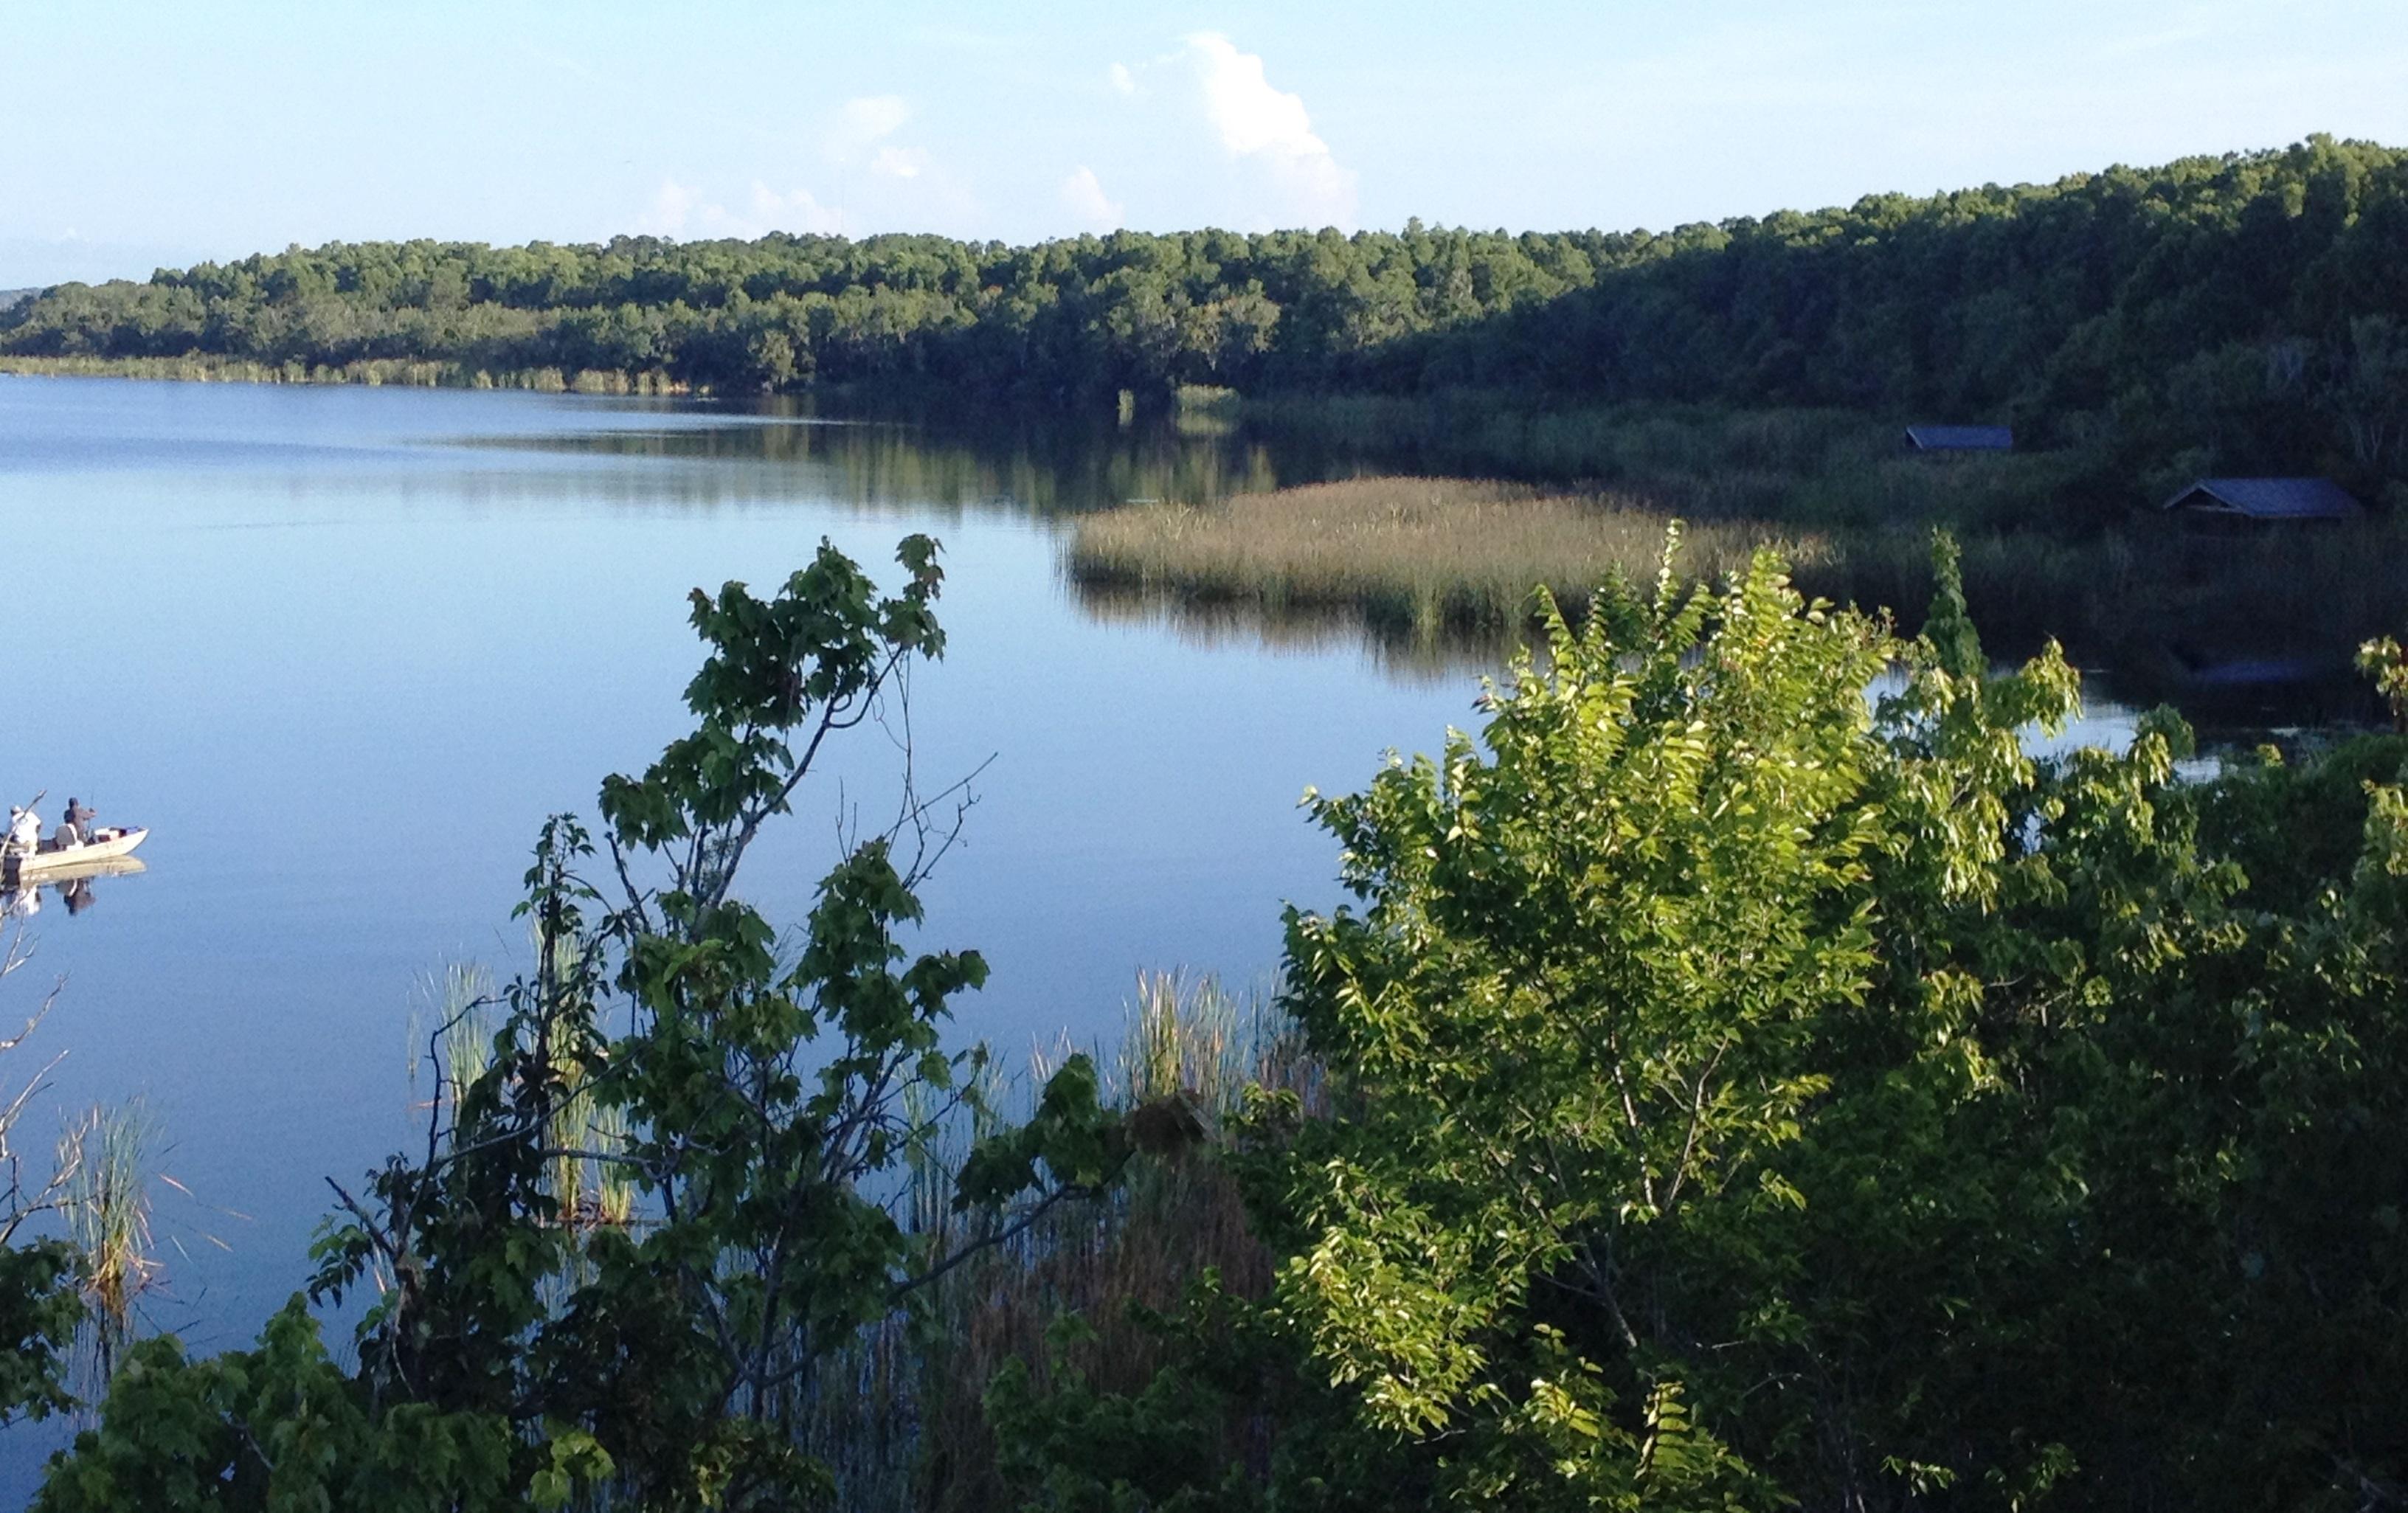 Morning View Of Lake Tarpon Palm Harbor Florida